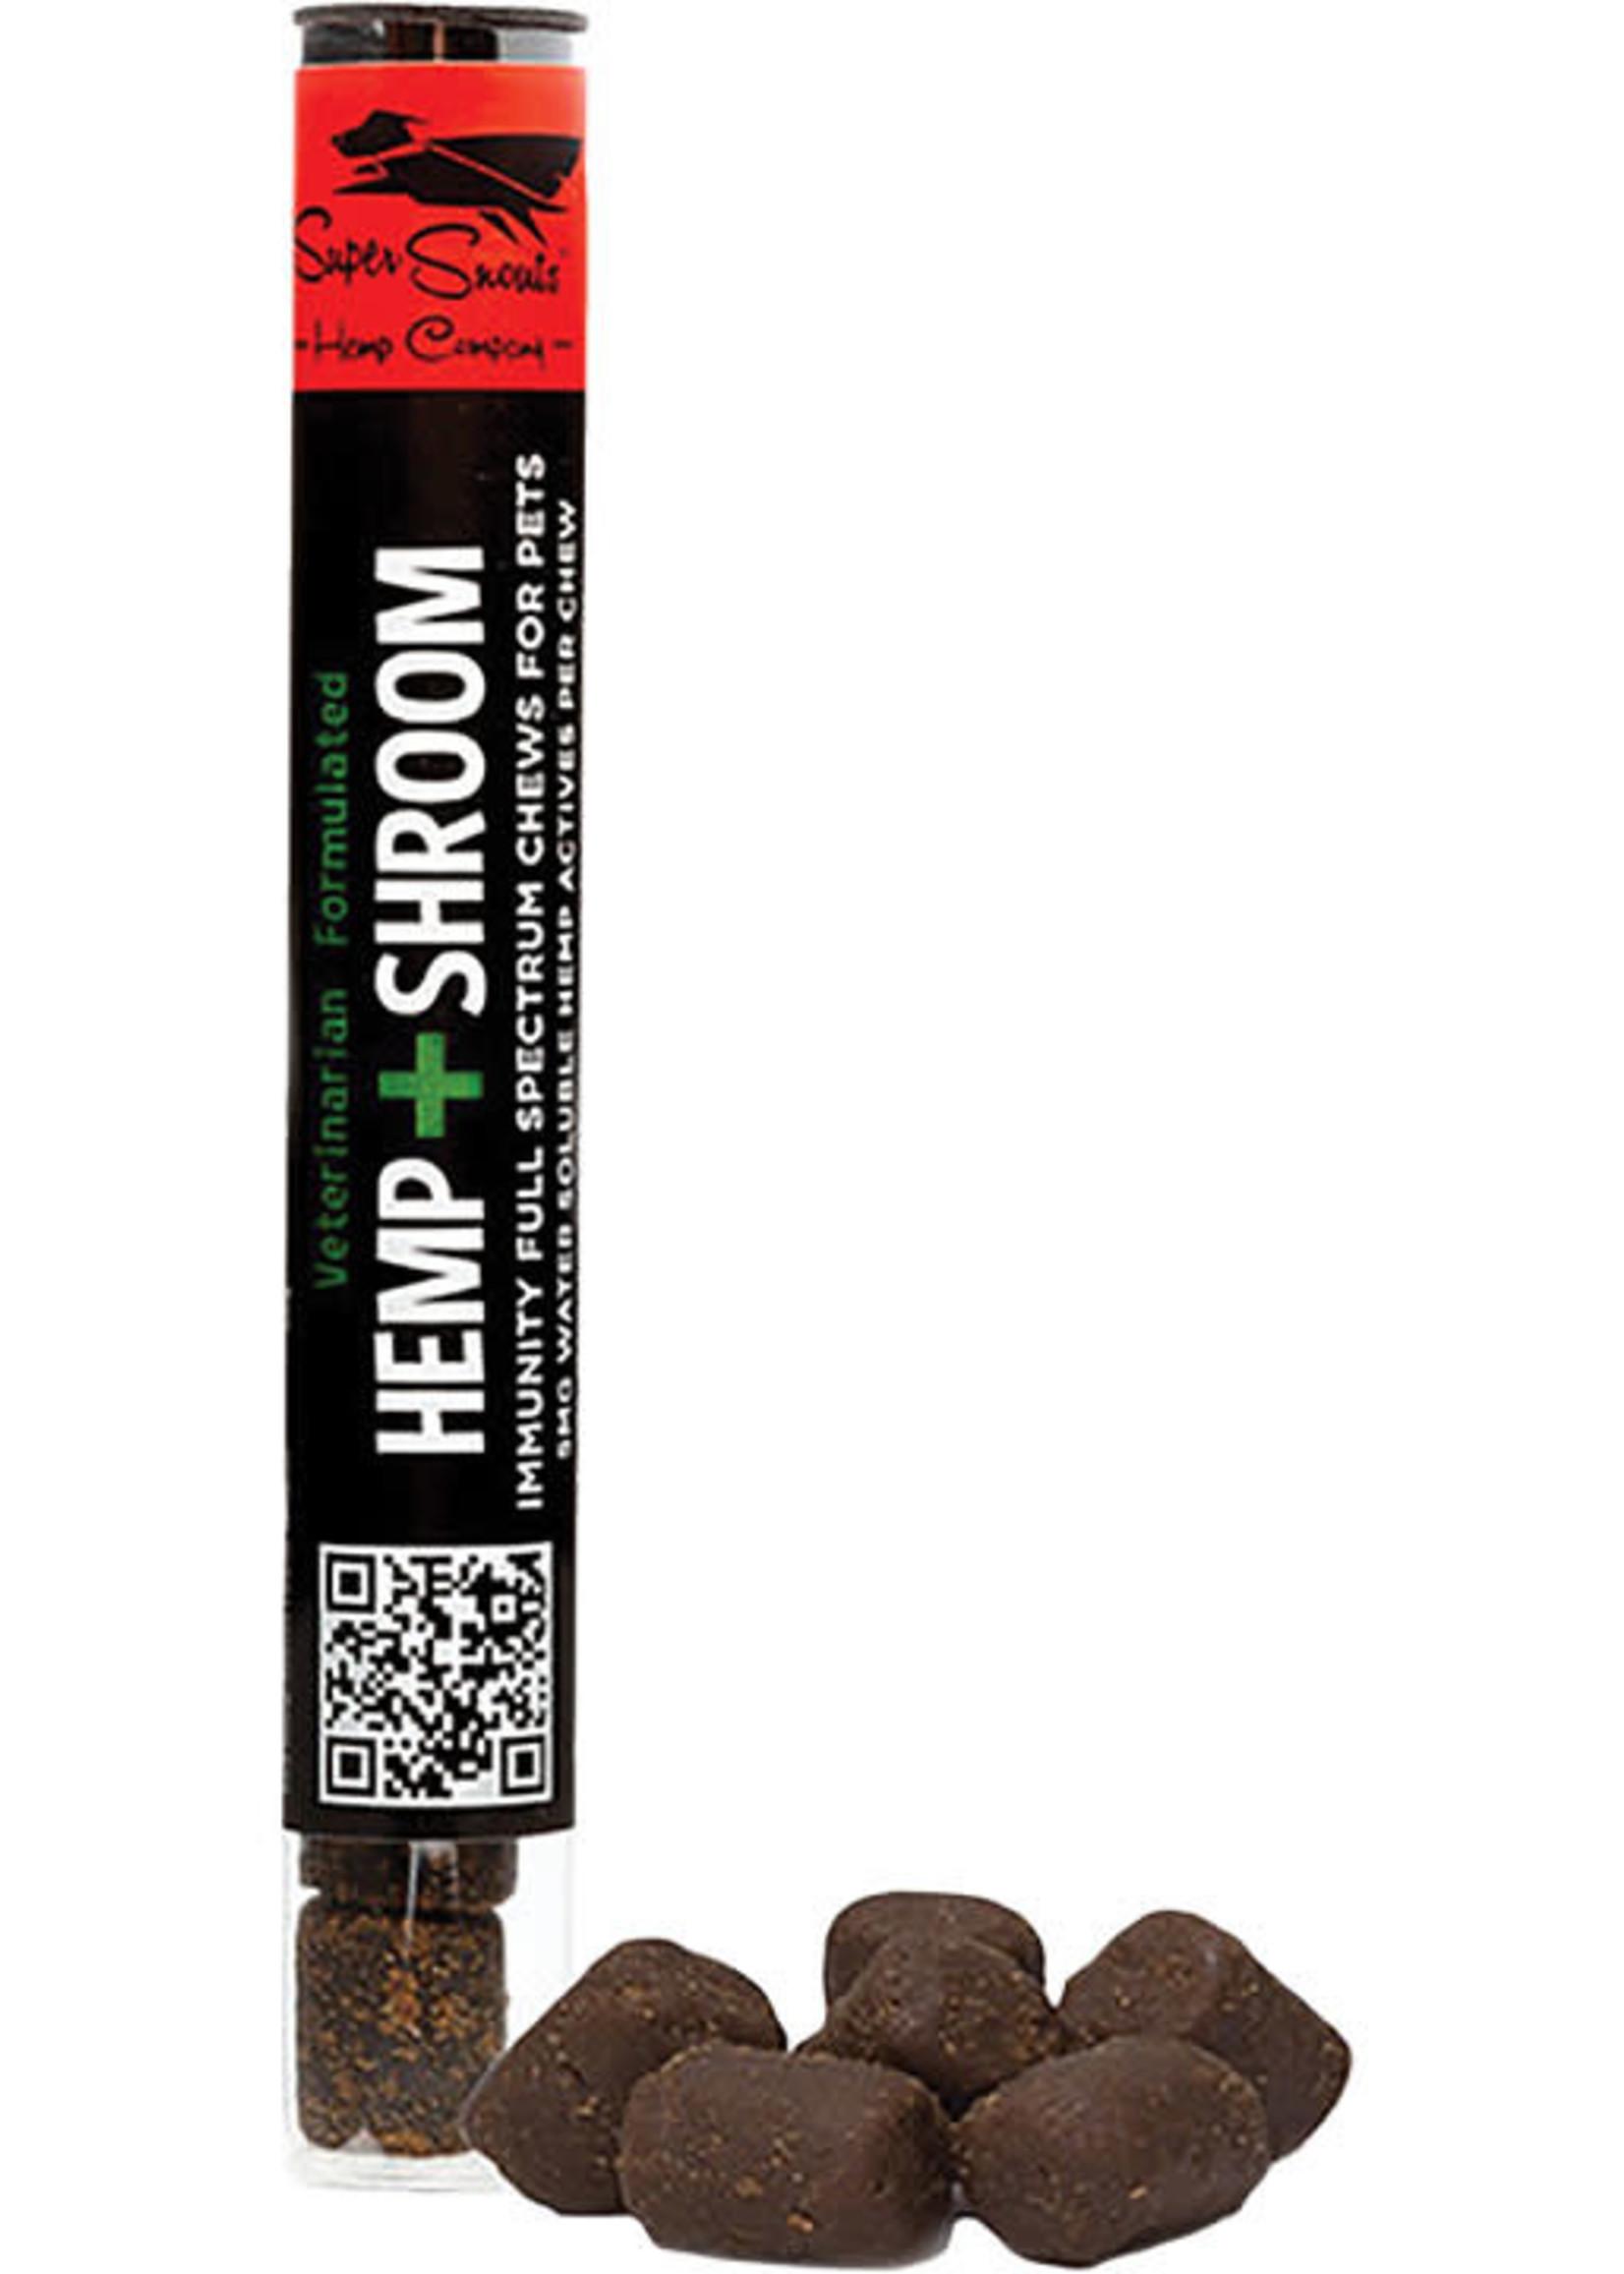 Super Snouts Super Snouts Dog CBD Hemp + Shroom Chews 6ct